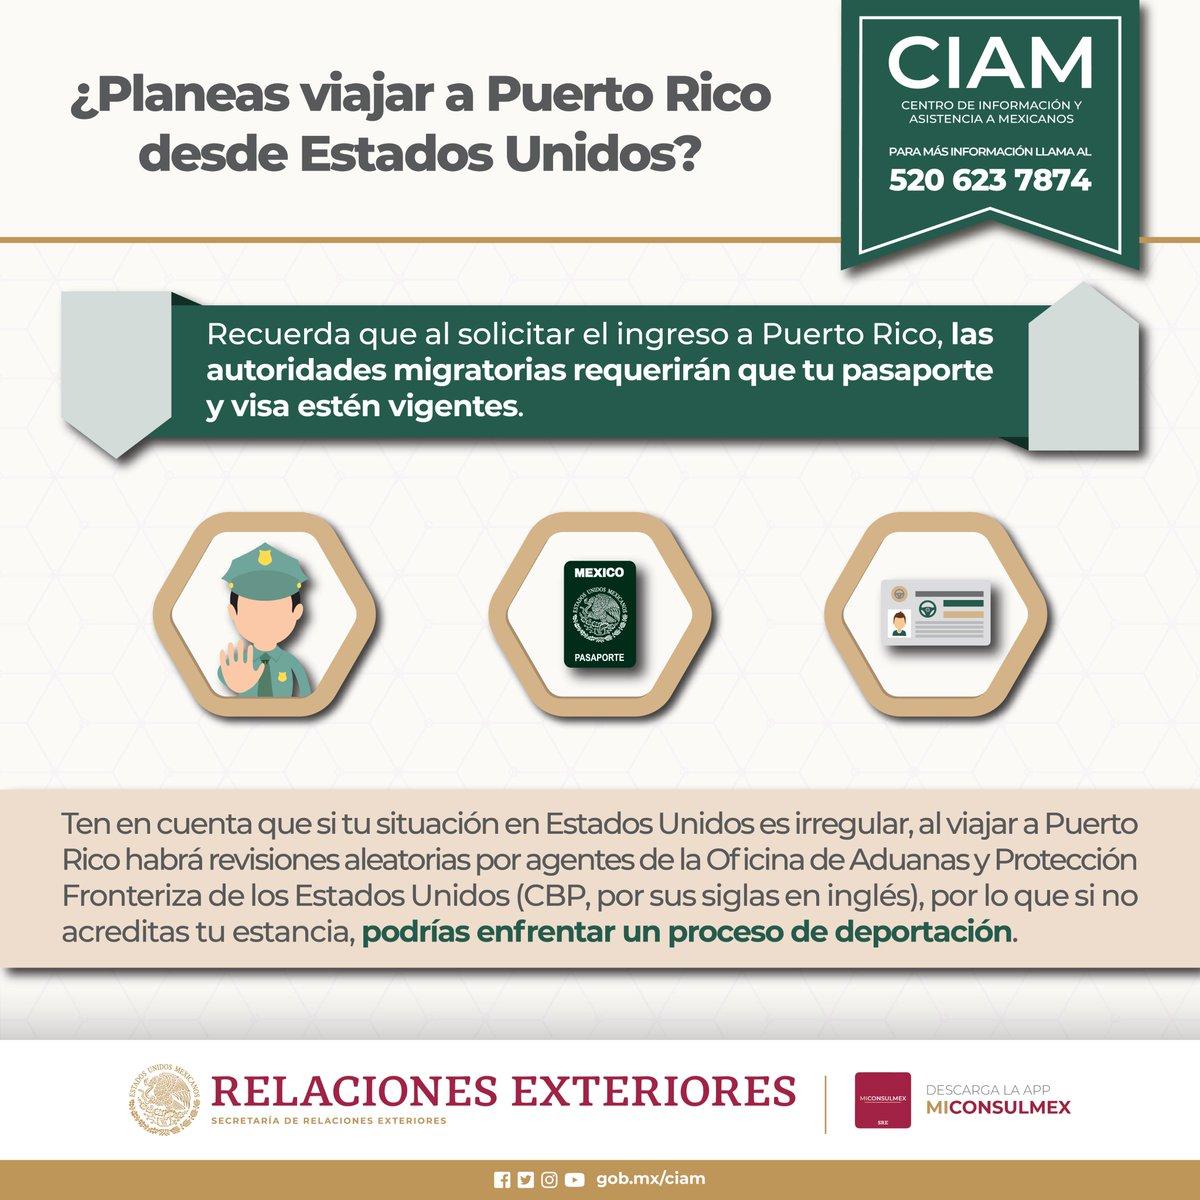 ¿Eres mexicano y tienes planes de viaje a #PuertoRico desde #EstadosUnidos en los próximos días? Es importante que conozcas la siguiente información: #CIAM #ProtecciónConsular